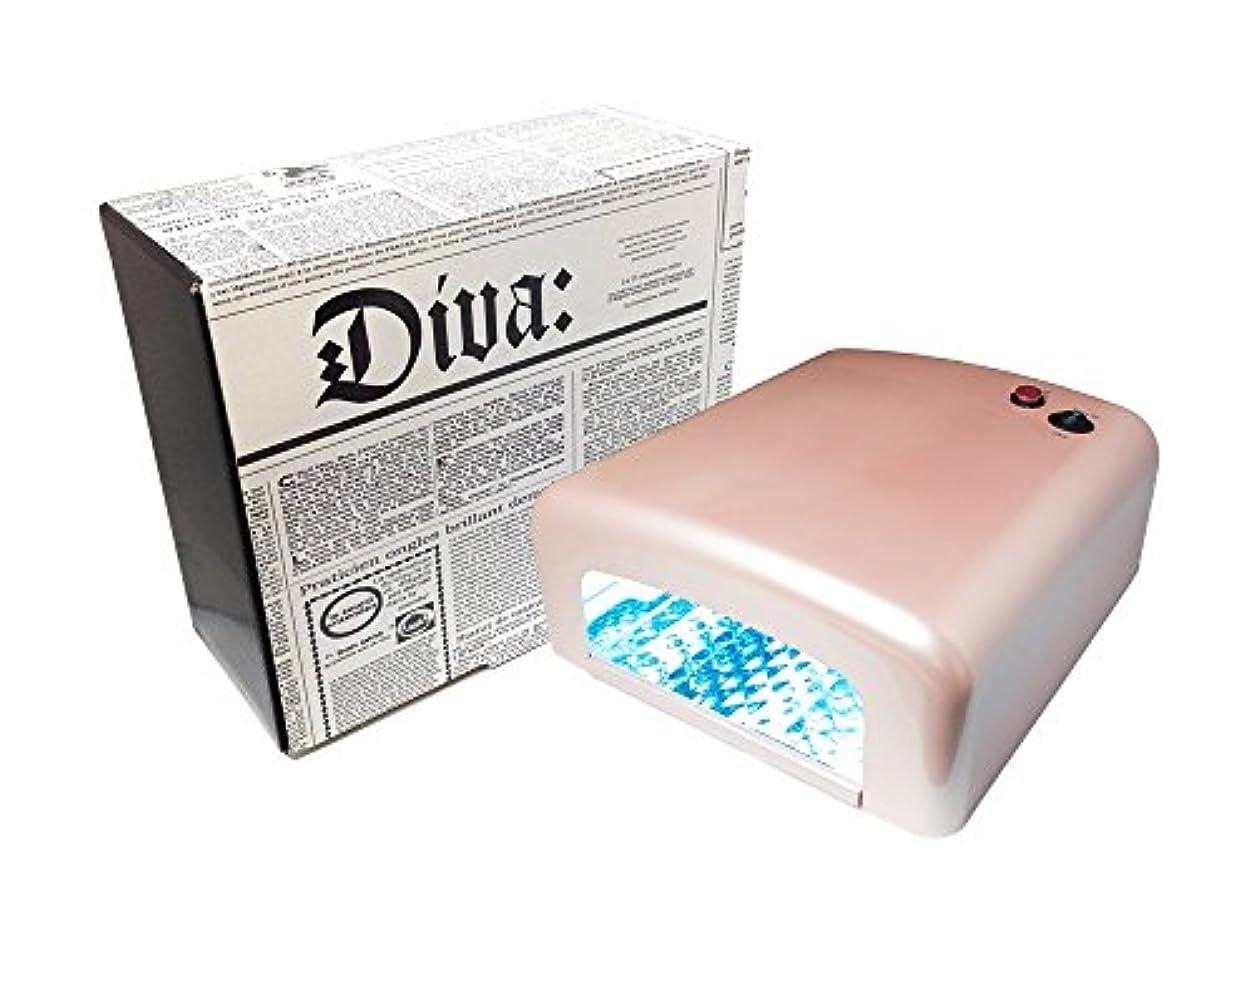 学期名誉ある常習者Diva(ディーヴァ) UVライト36W UVレジン用 本体 パールピンク